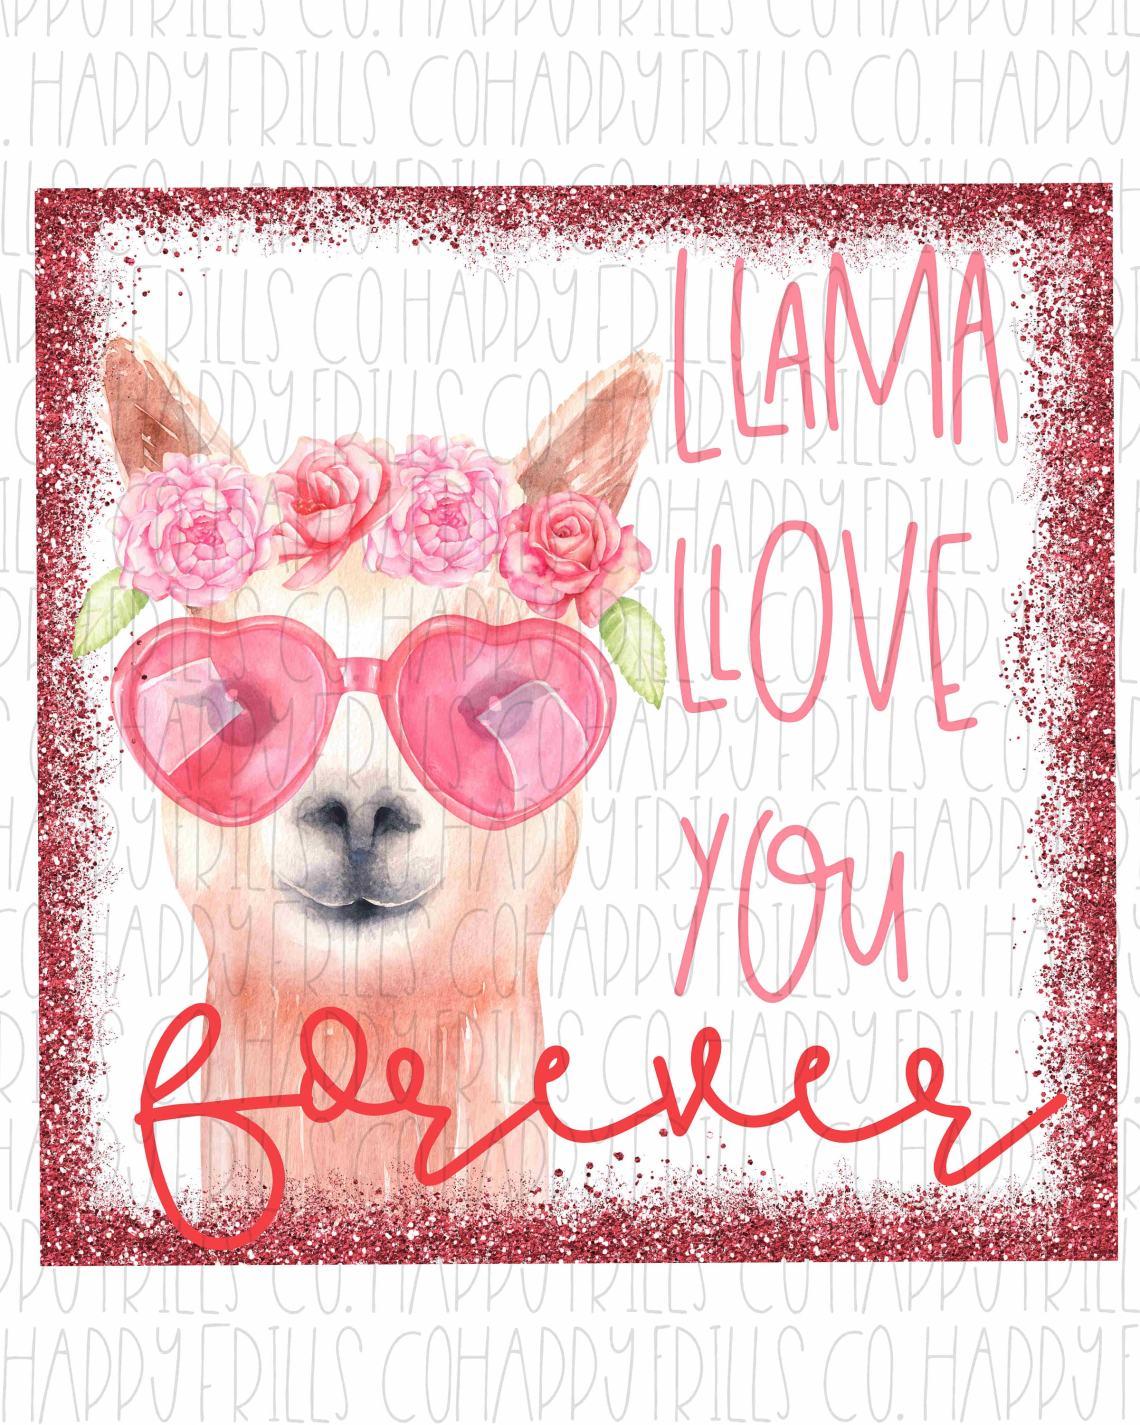 Download Llama love you forever design Digital image png instant ...